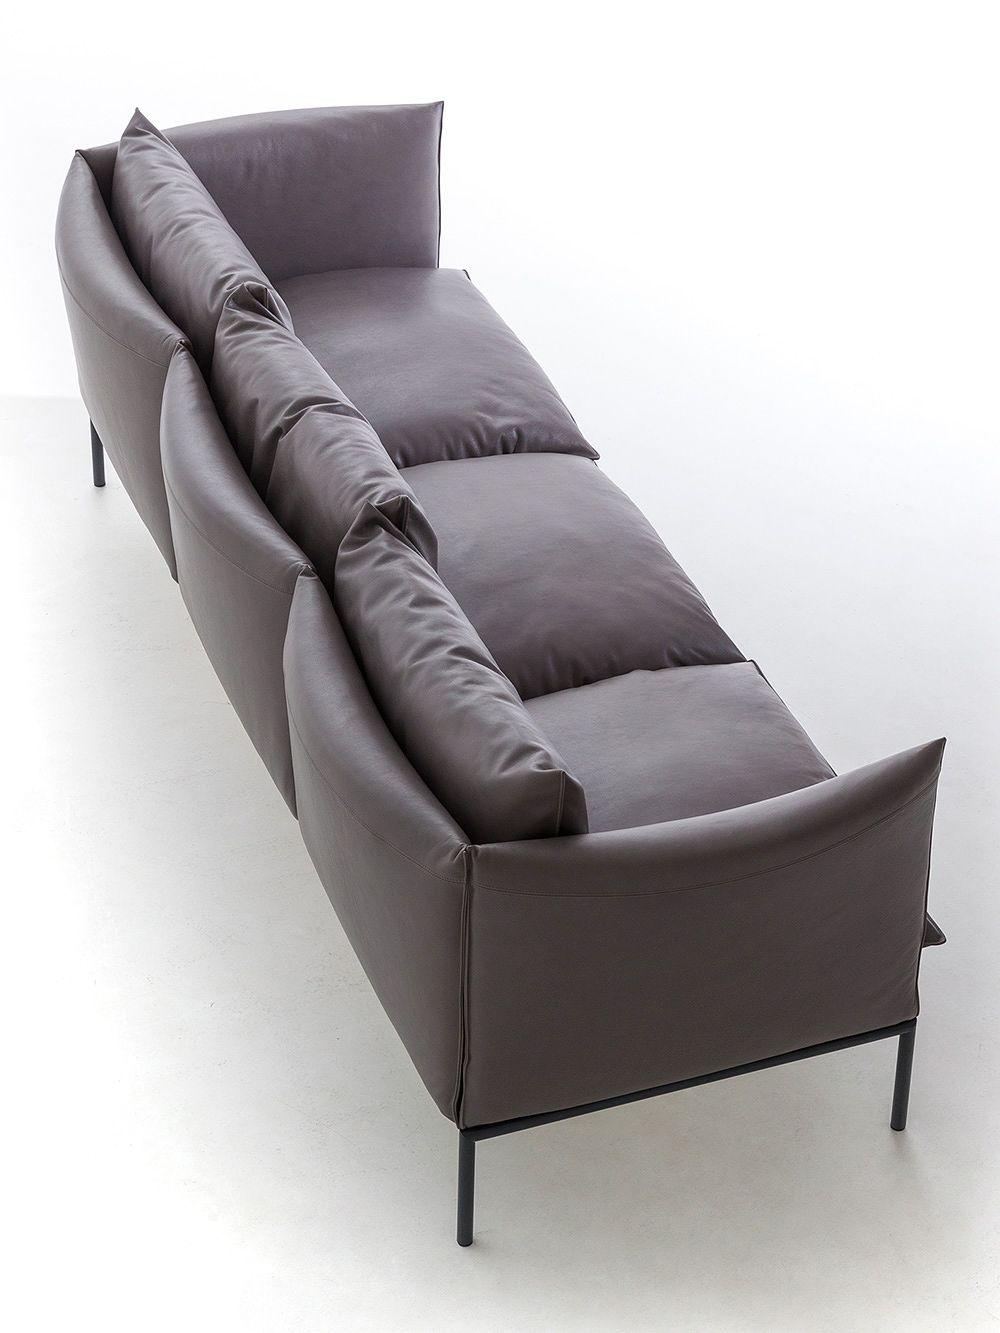 Moroson Gentry Extra Light -sohva